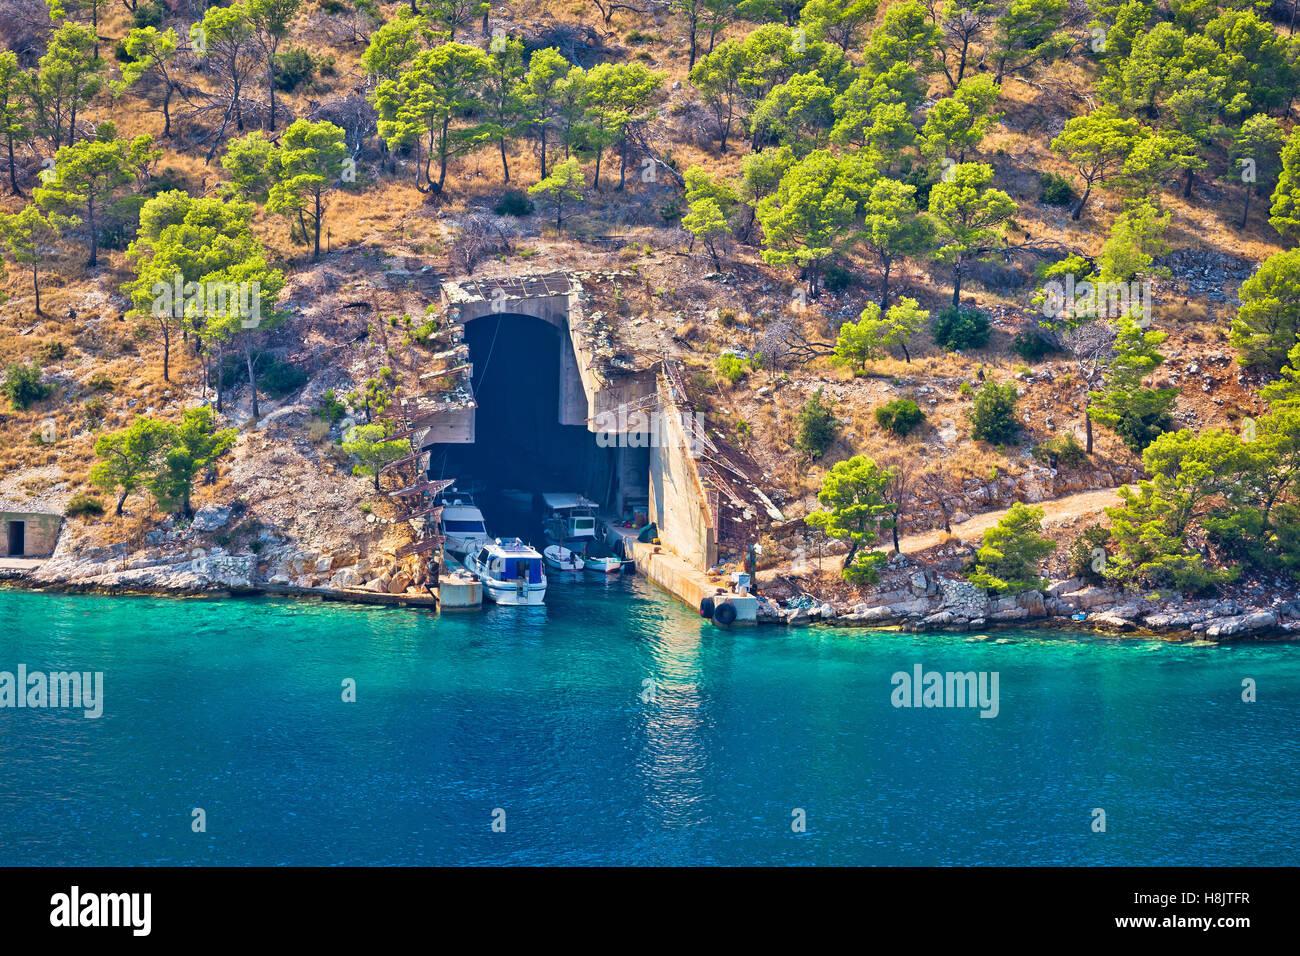 Barco submarino y refugio en la isla de Brac en piedra, Costa de Dalmacia, Croacia Imagen De Stock